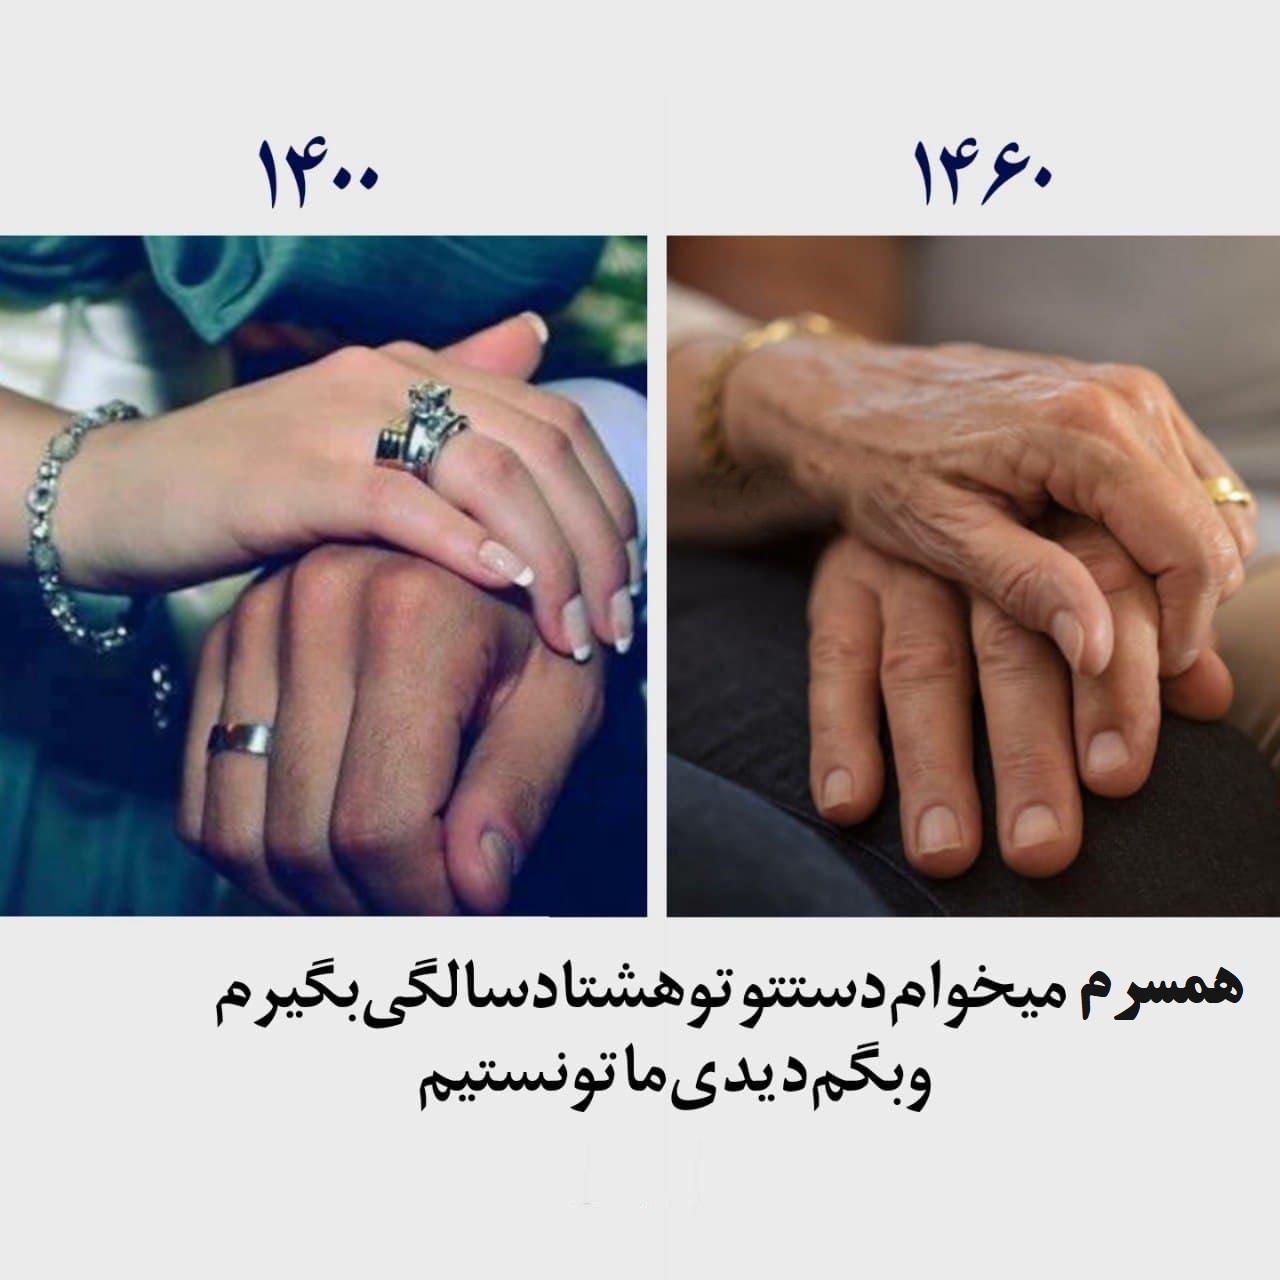 دلنوشته عاشقانه برای همسر